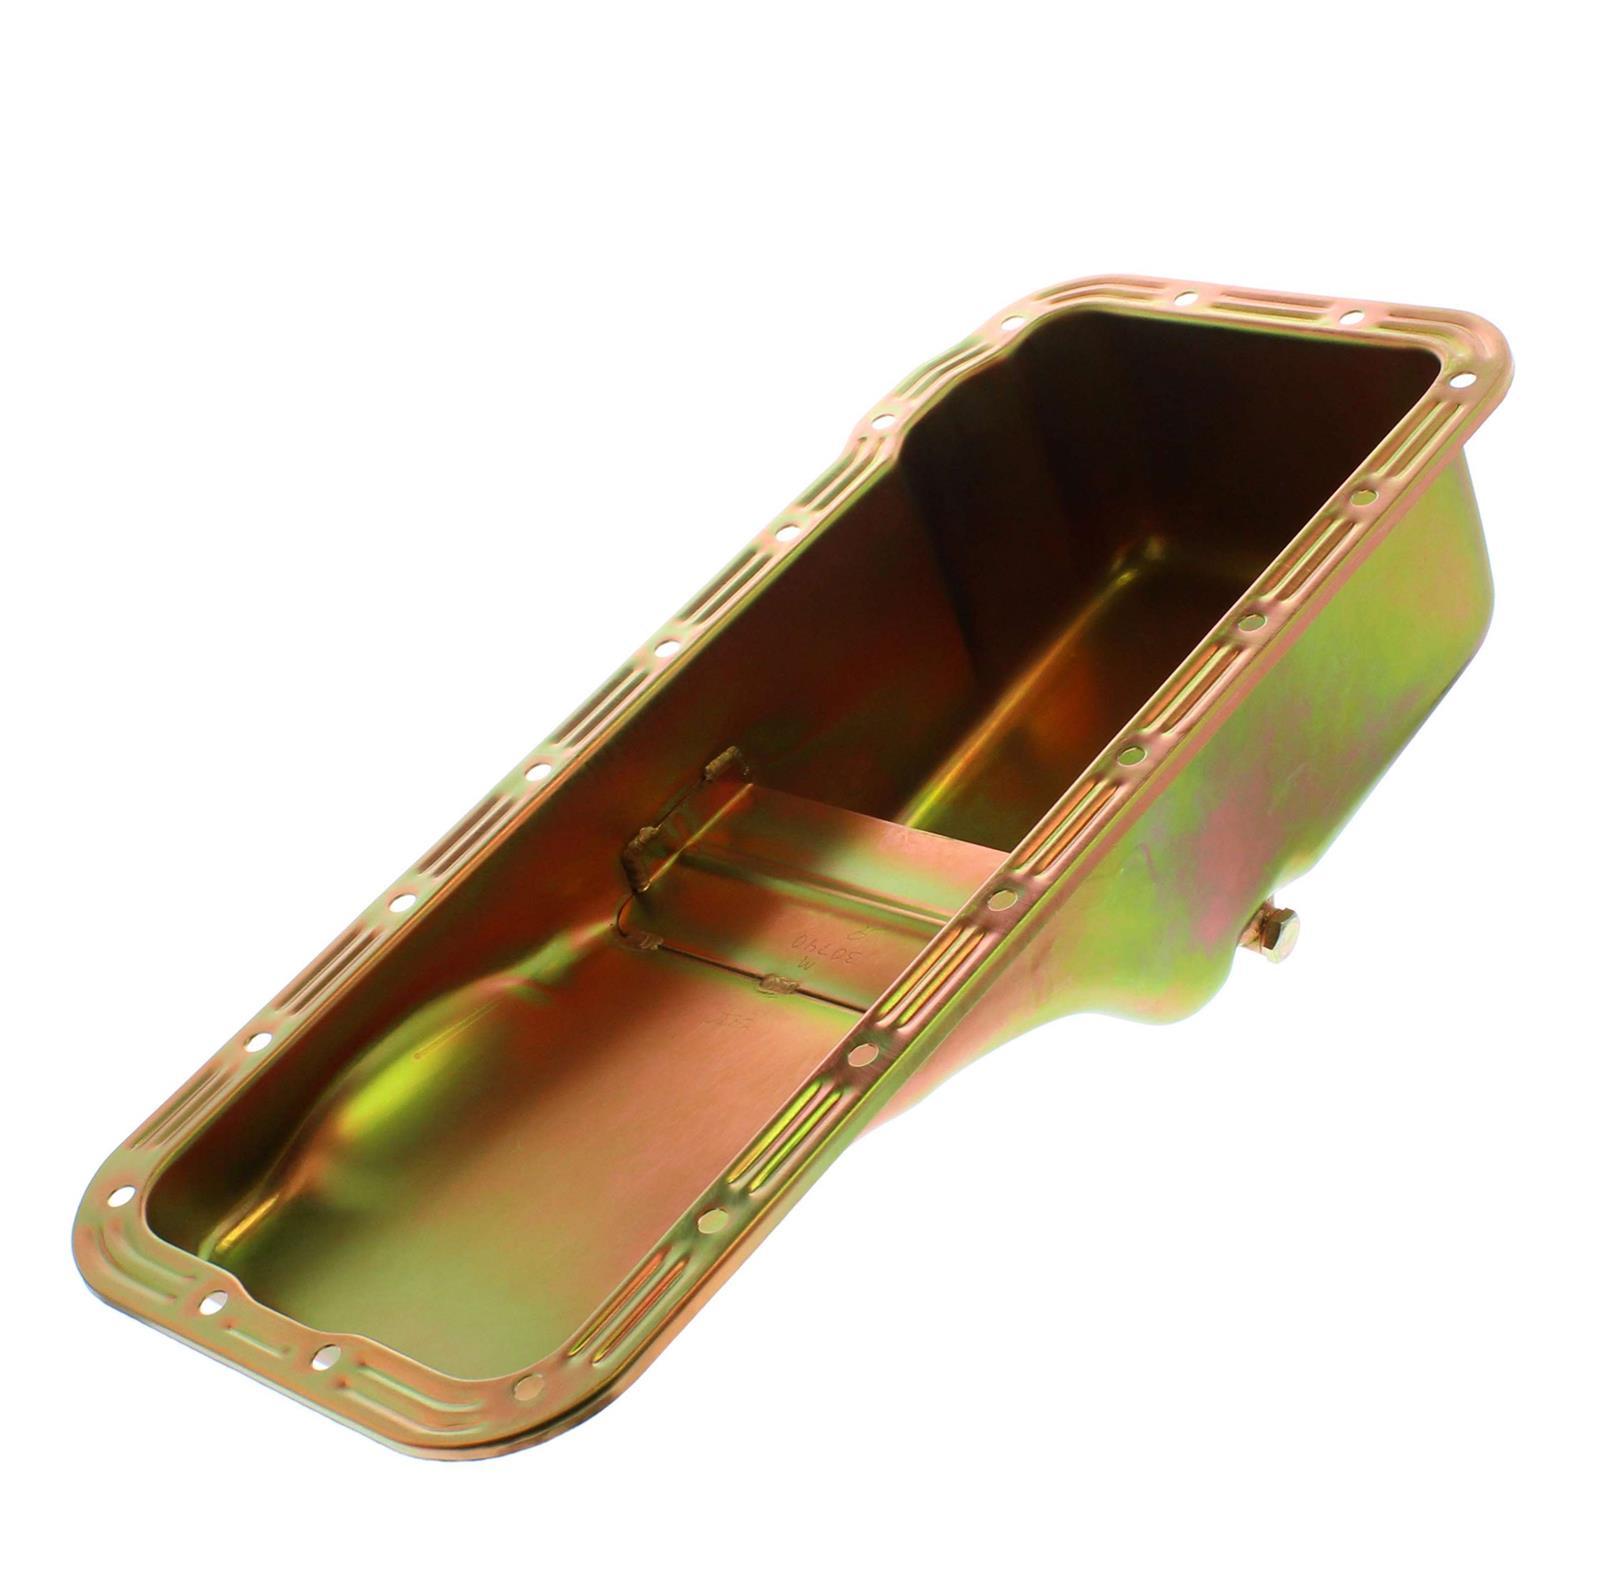 uxcell Foldable Plastic Lens Chrome Plated Full Rim Ski Goggles for Unisex